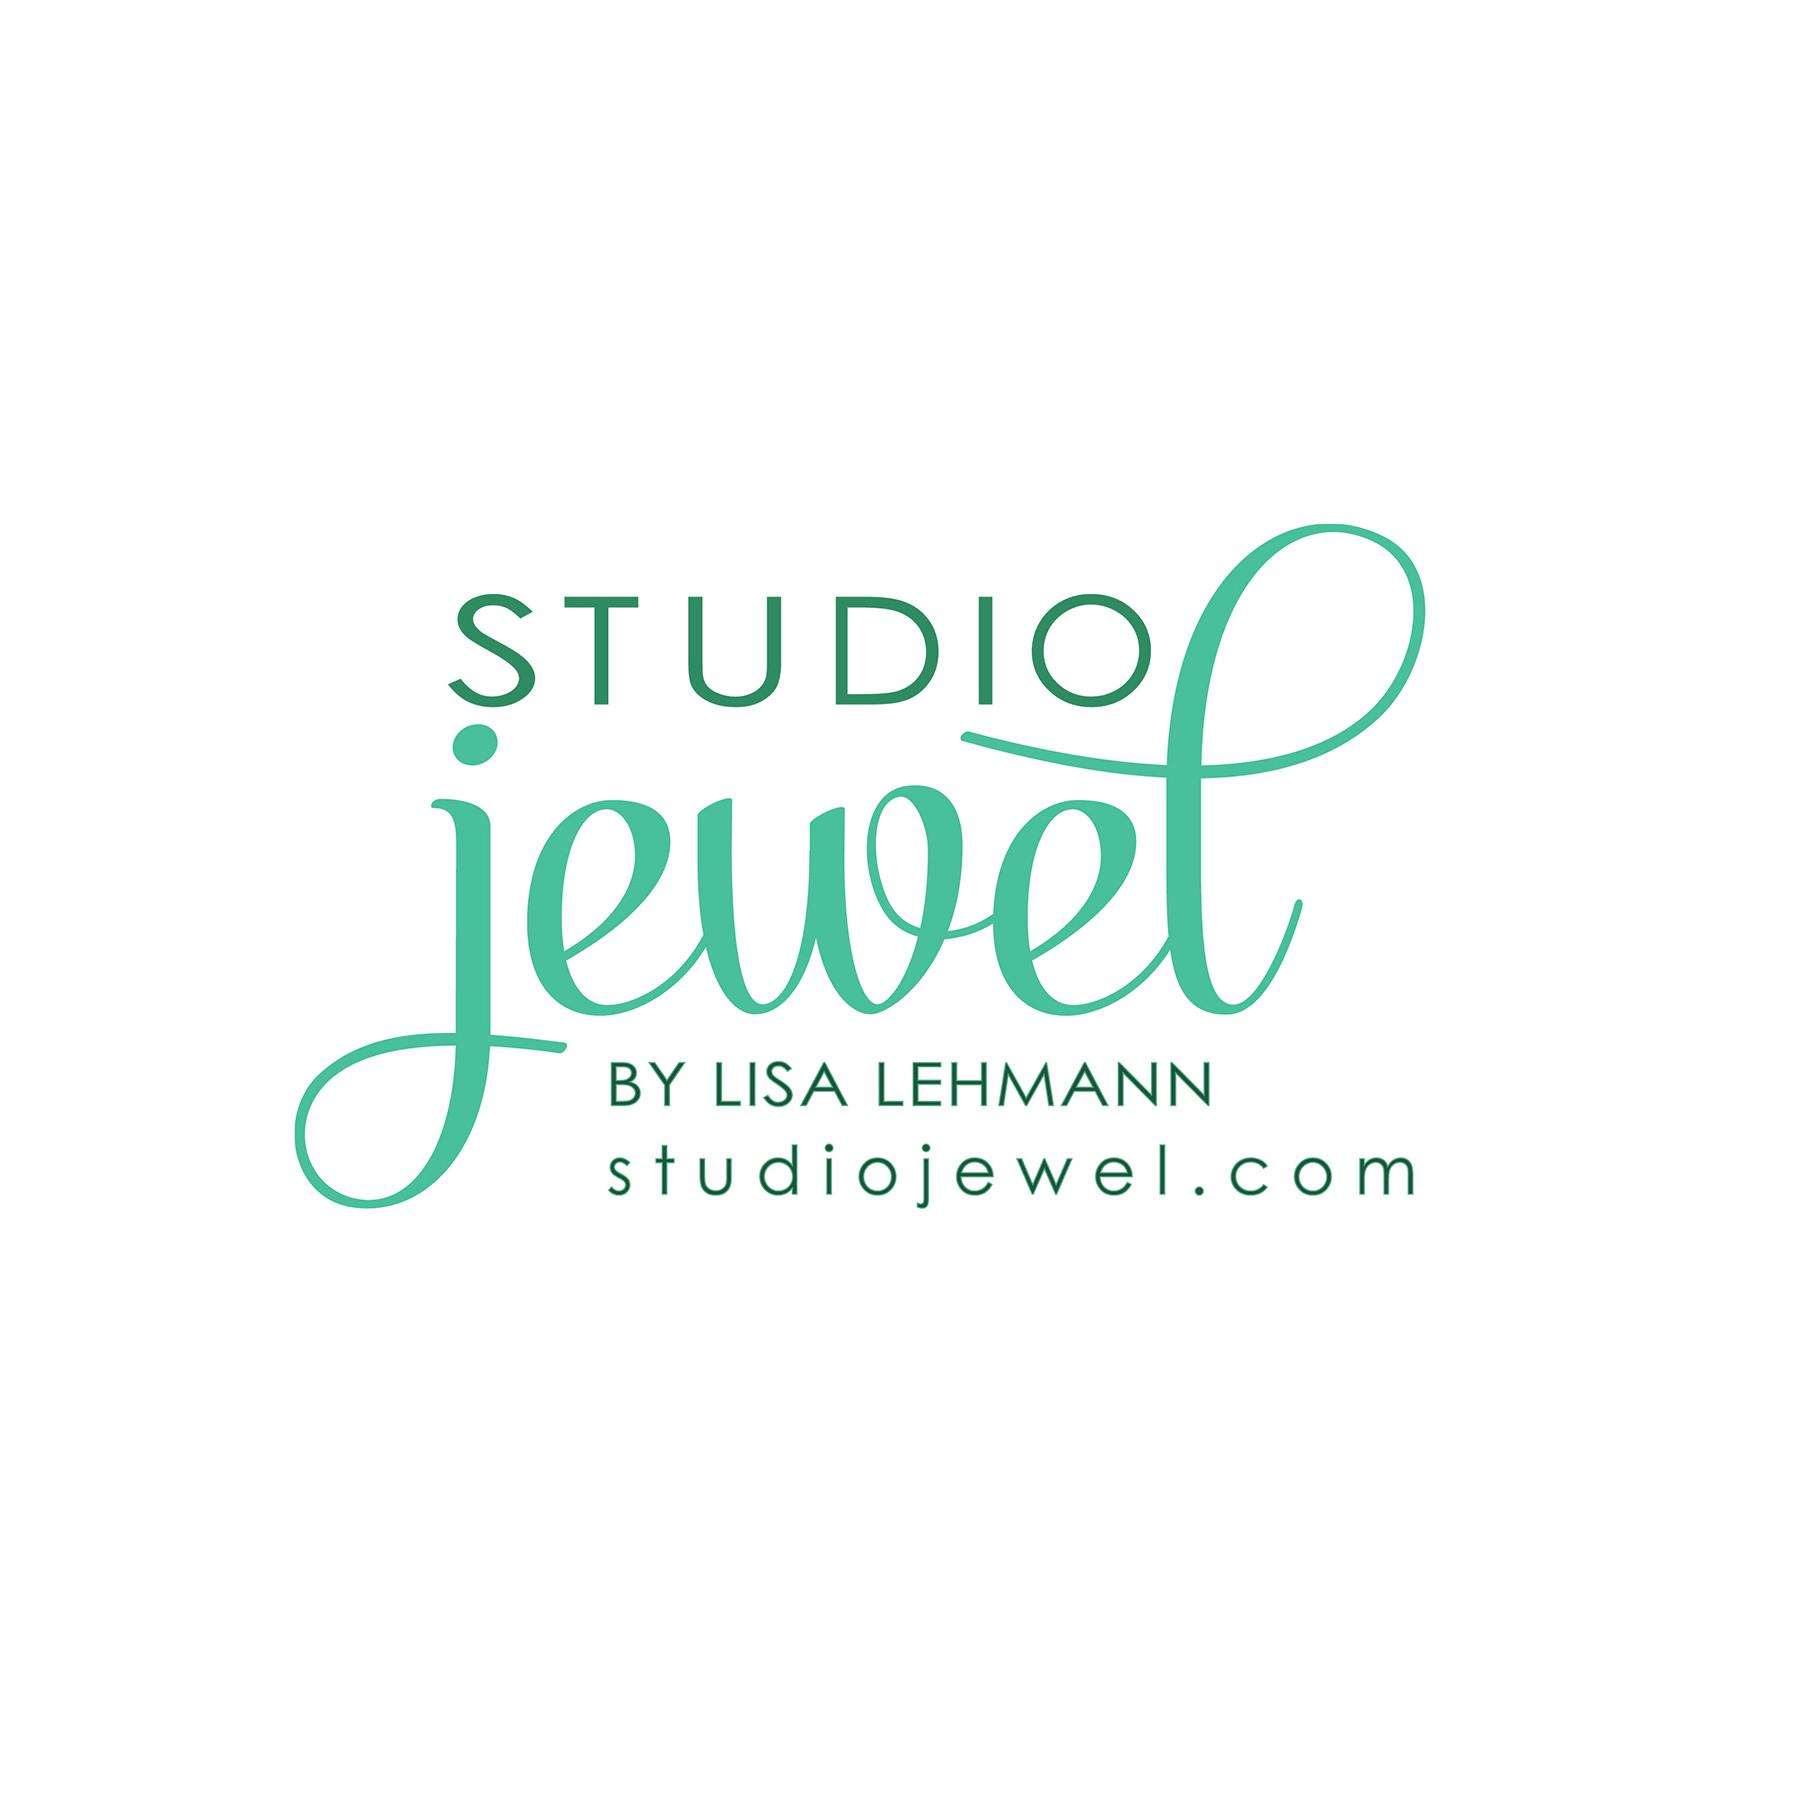 studio jewel logo with website.jpg